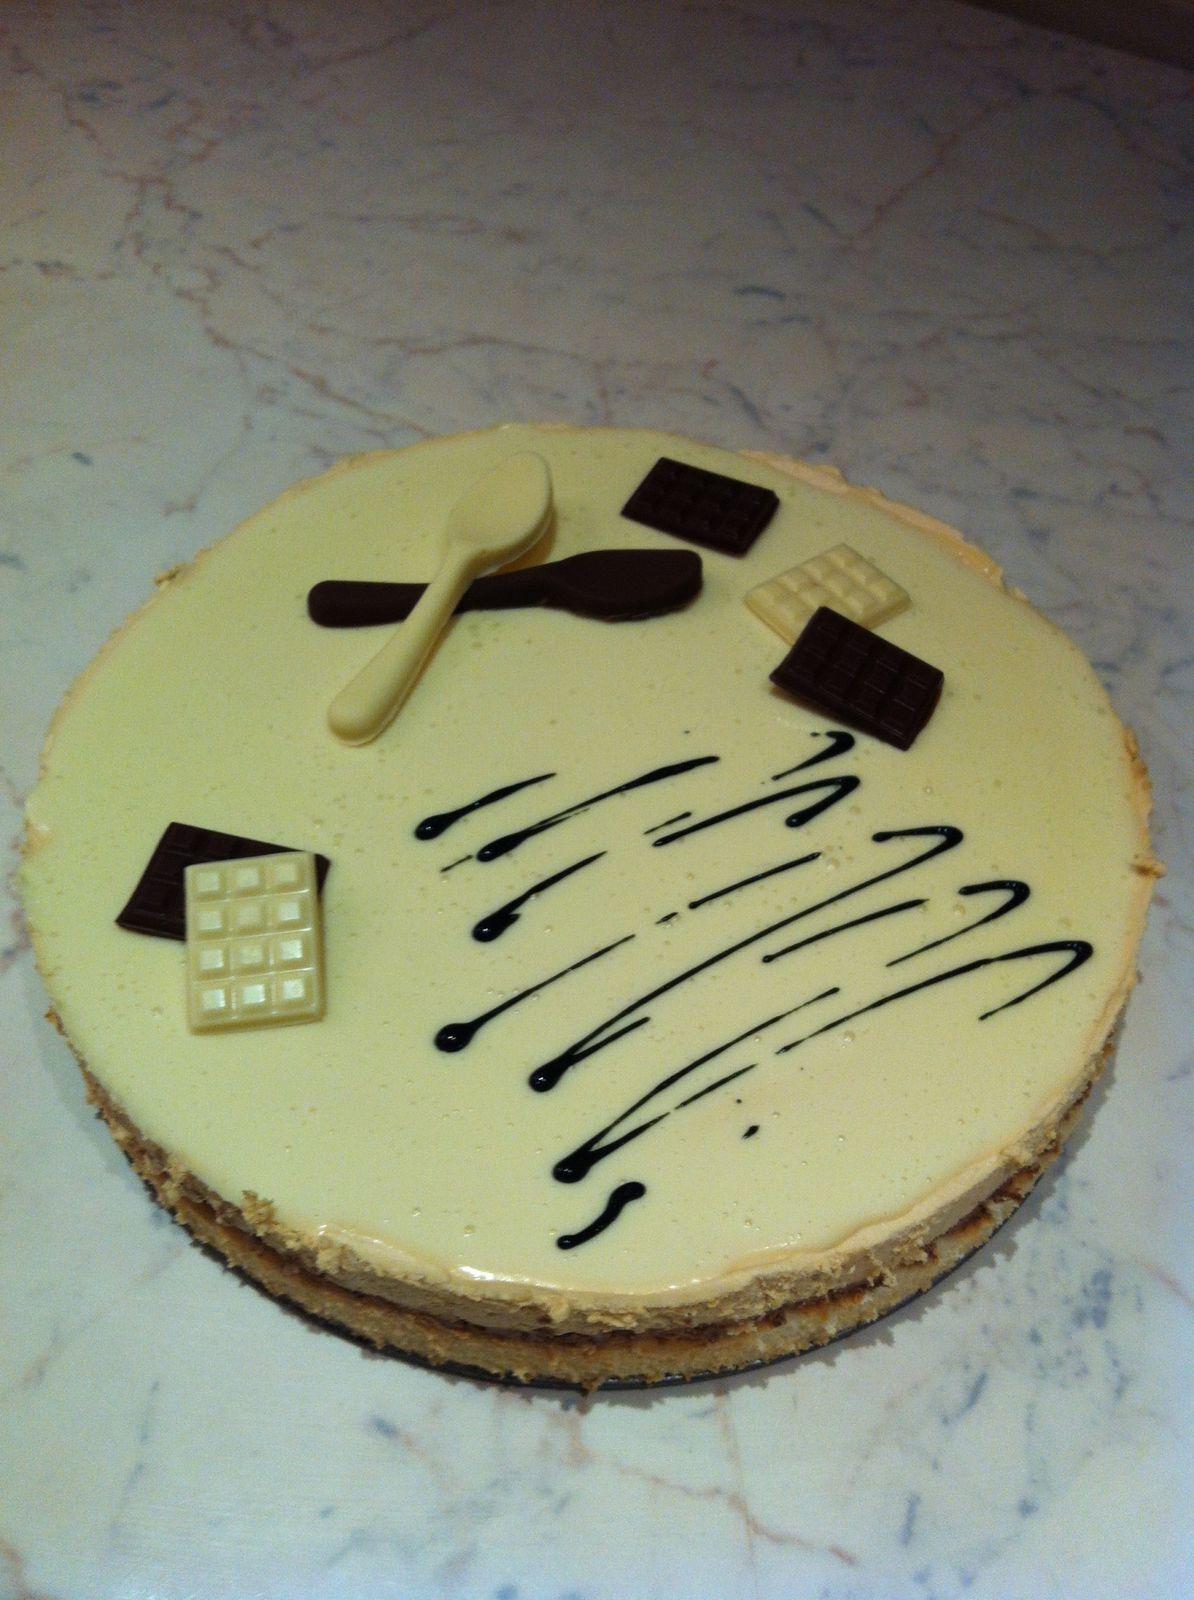 Bavarois mousse chocolat au lait,mousse caramel beurre salé, miroir chocolat blanc